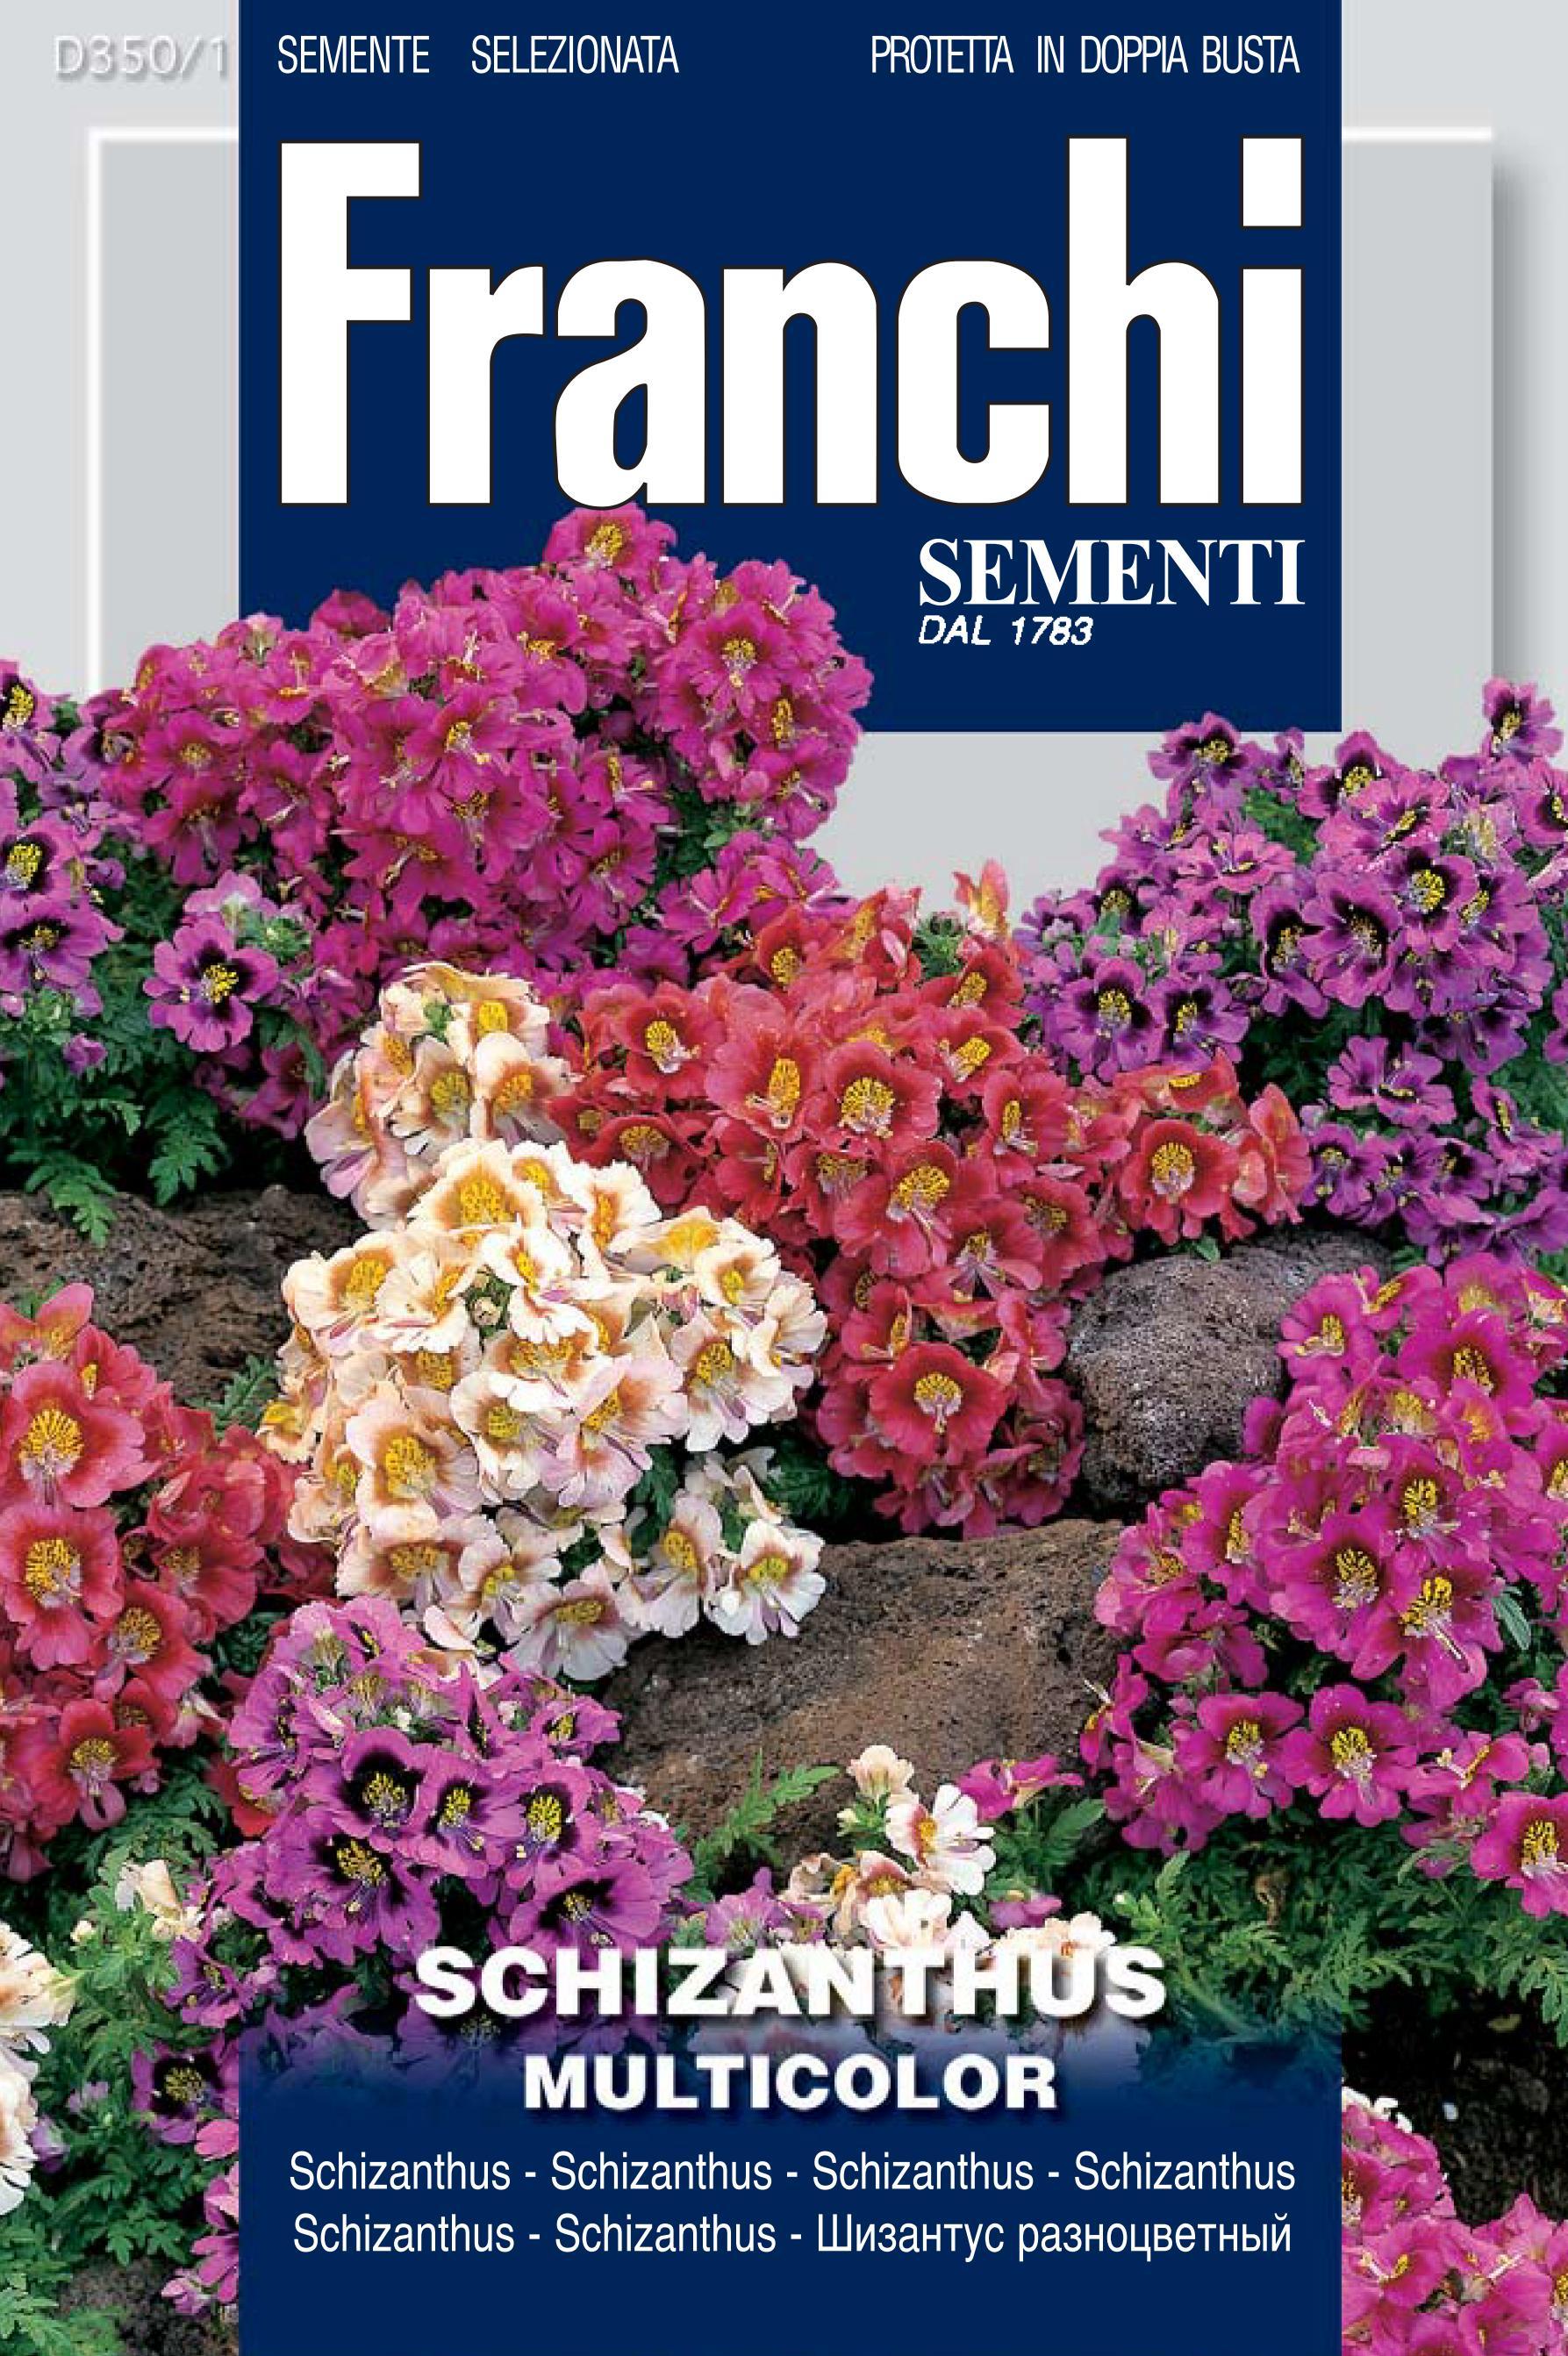 Schizanthus multicolor